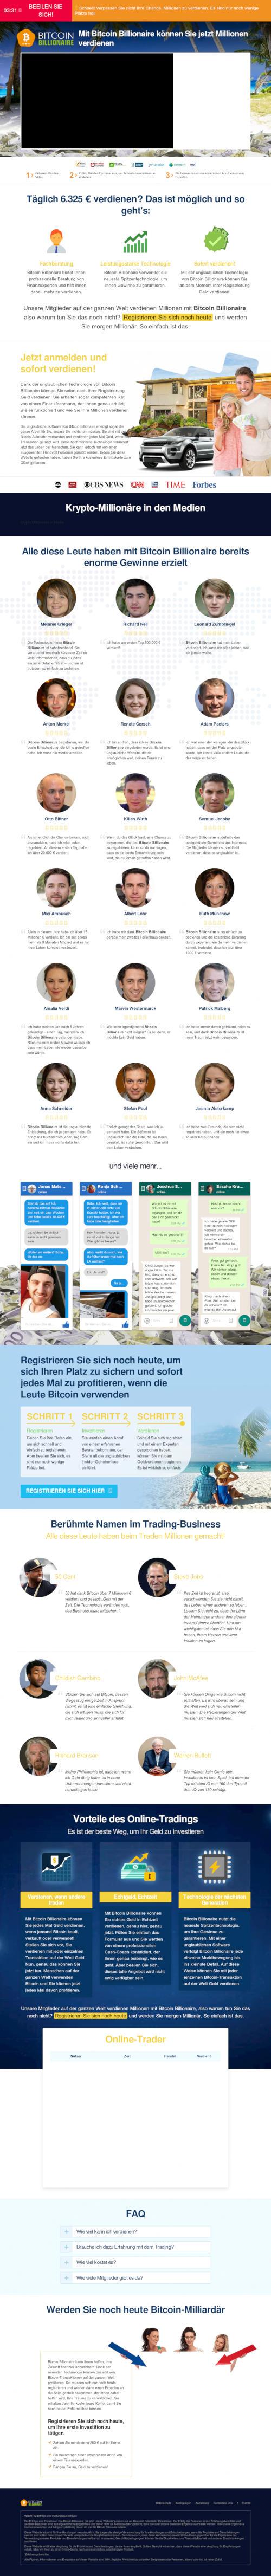 Screenshot der betrügerischen, mit Spam beworbenen Website eines Bitcoin-Reichwerdexperten